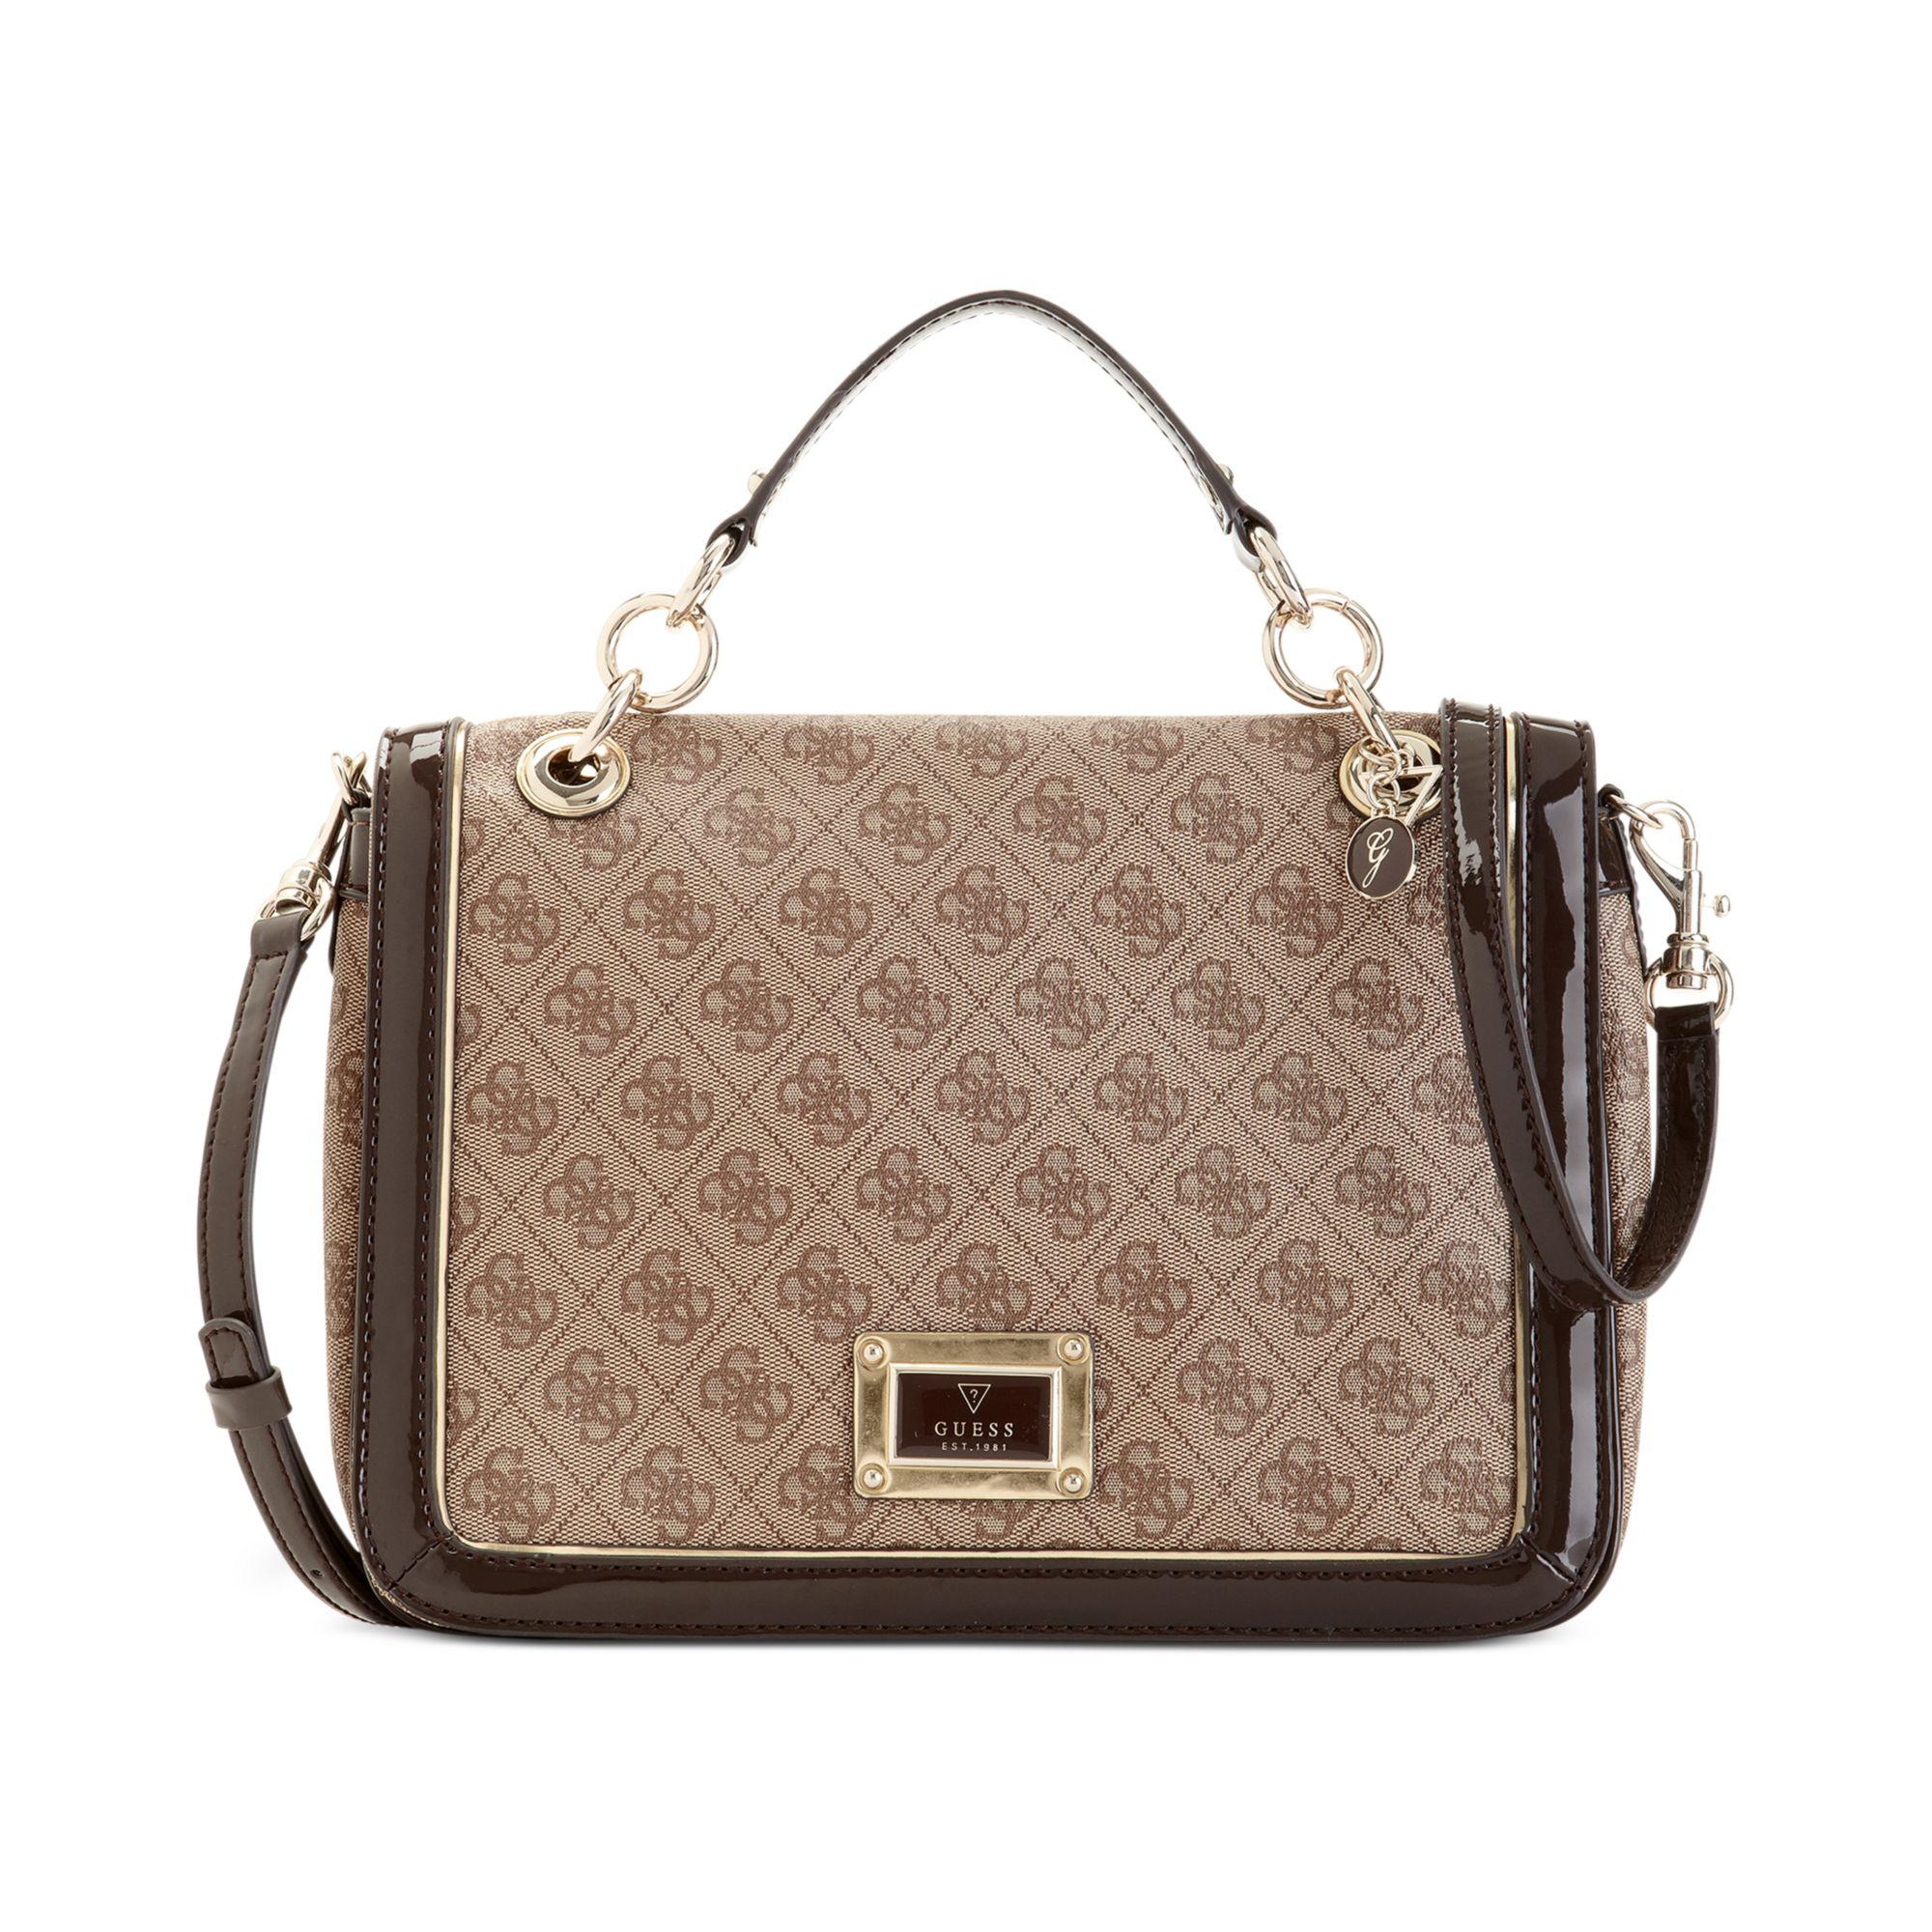 Guess Handbag Reama Top Handle Flap Shoulder Bag 33